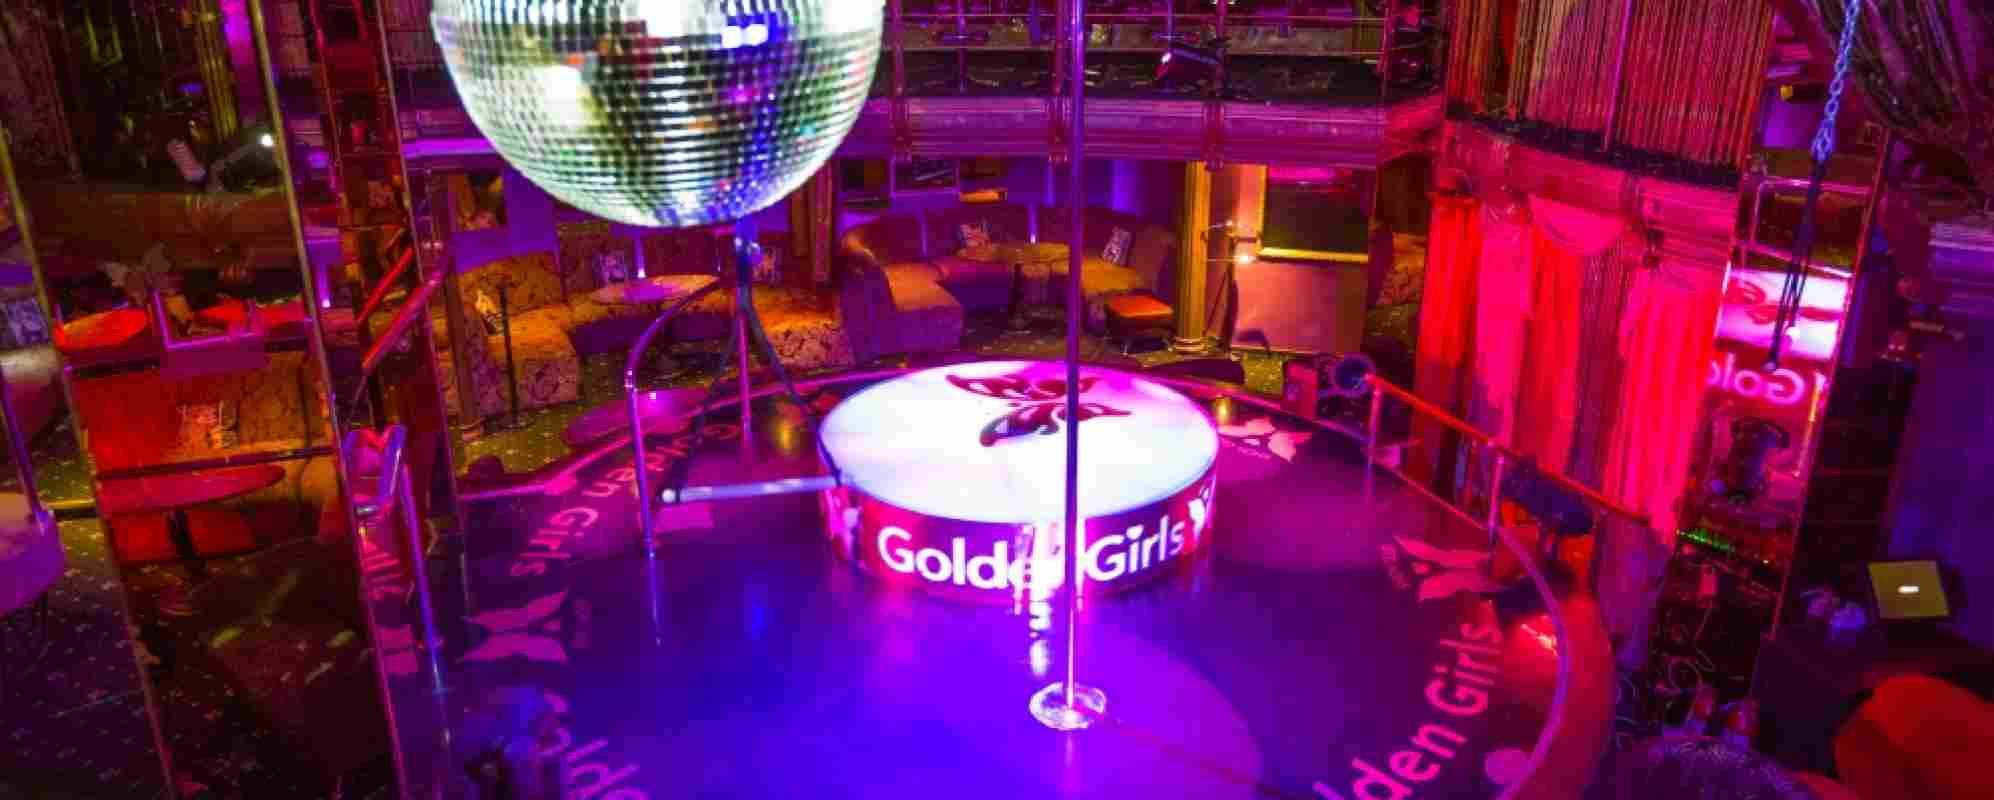 Golden girls клуб москва сайт клубы ночные спб в центре